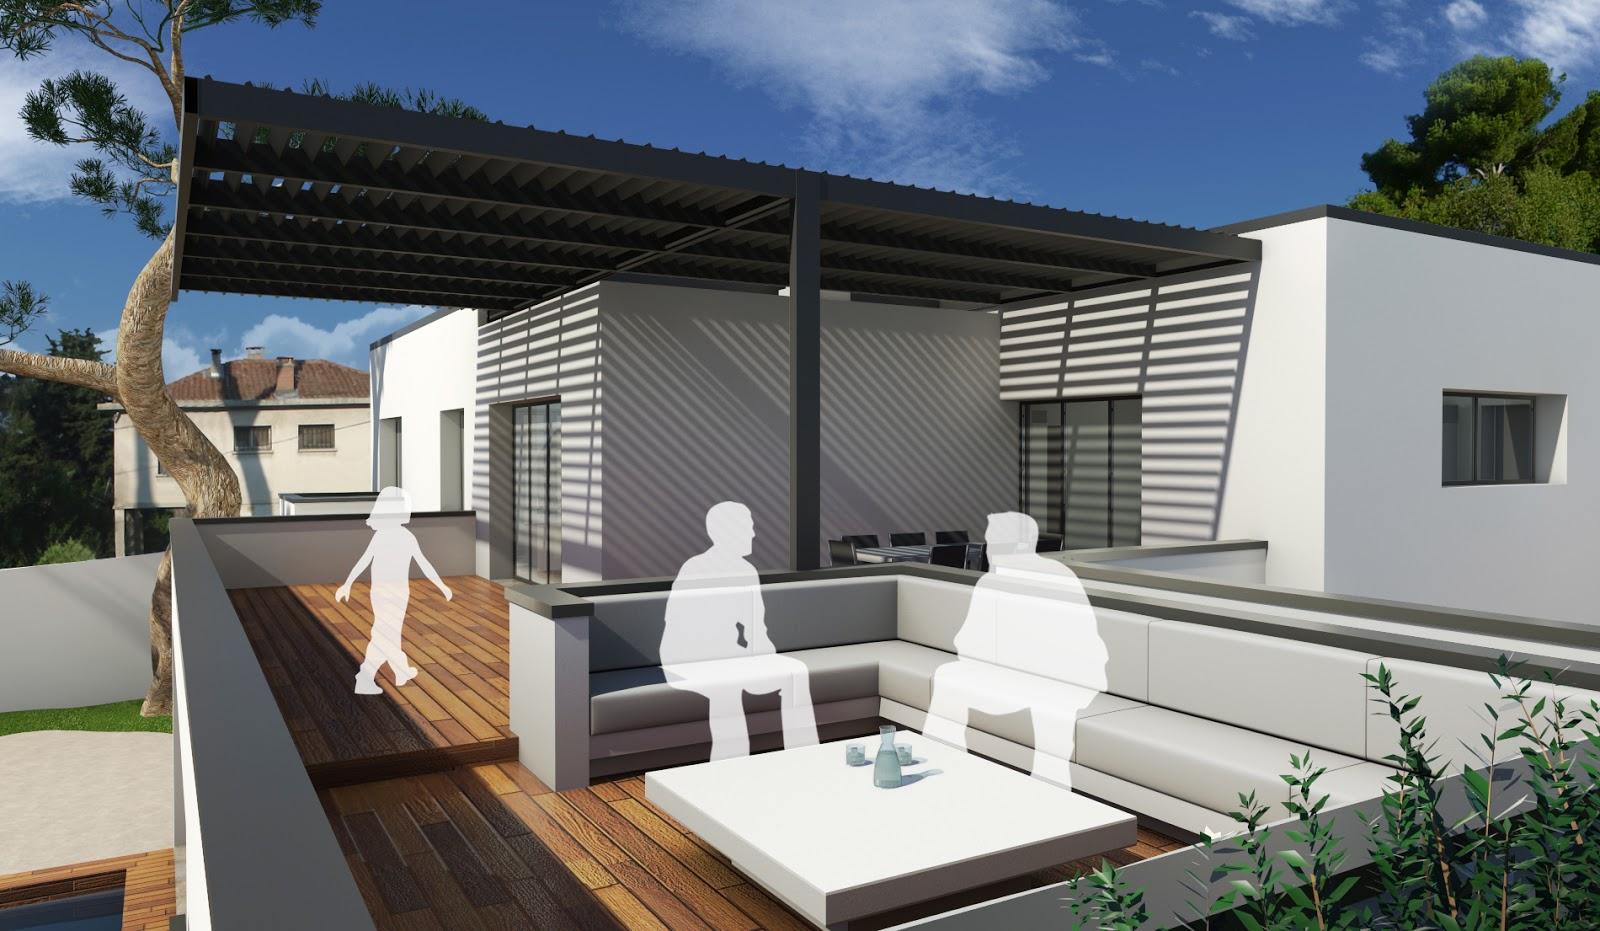 Designer d 39 espace graphiste 3d architectural villa for Espace 3 architecture